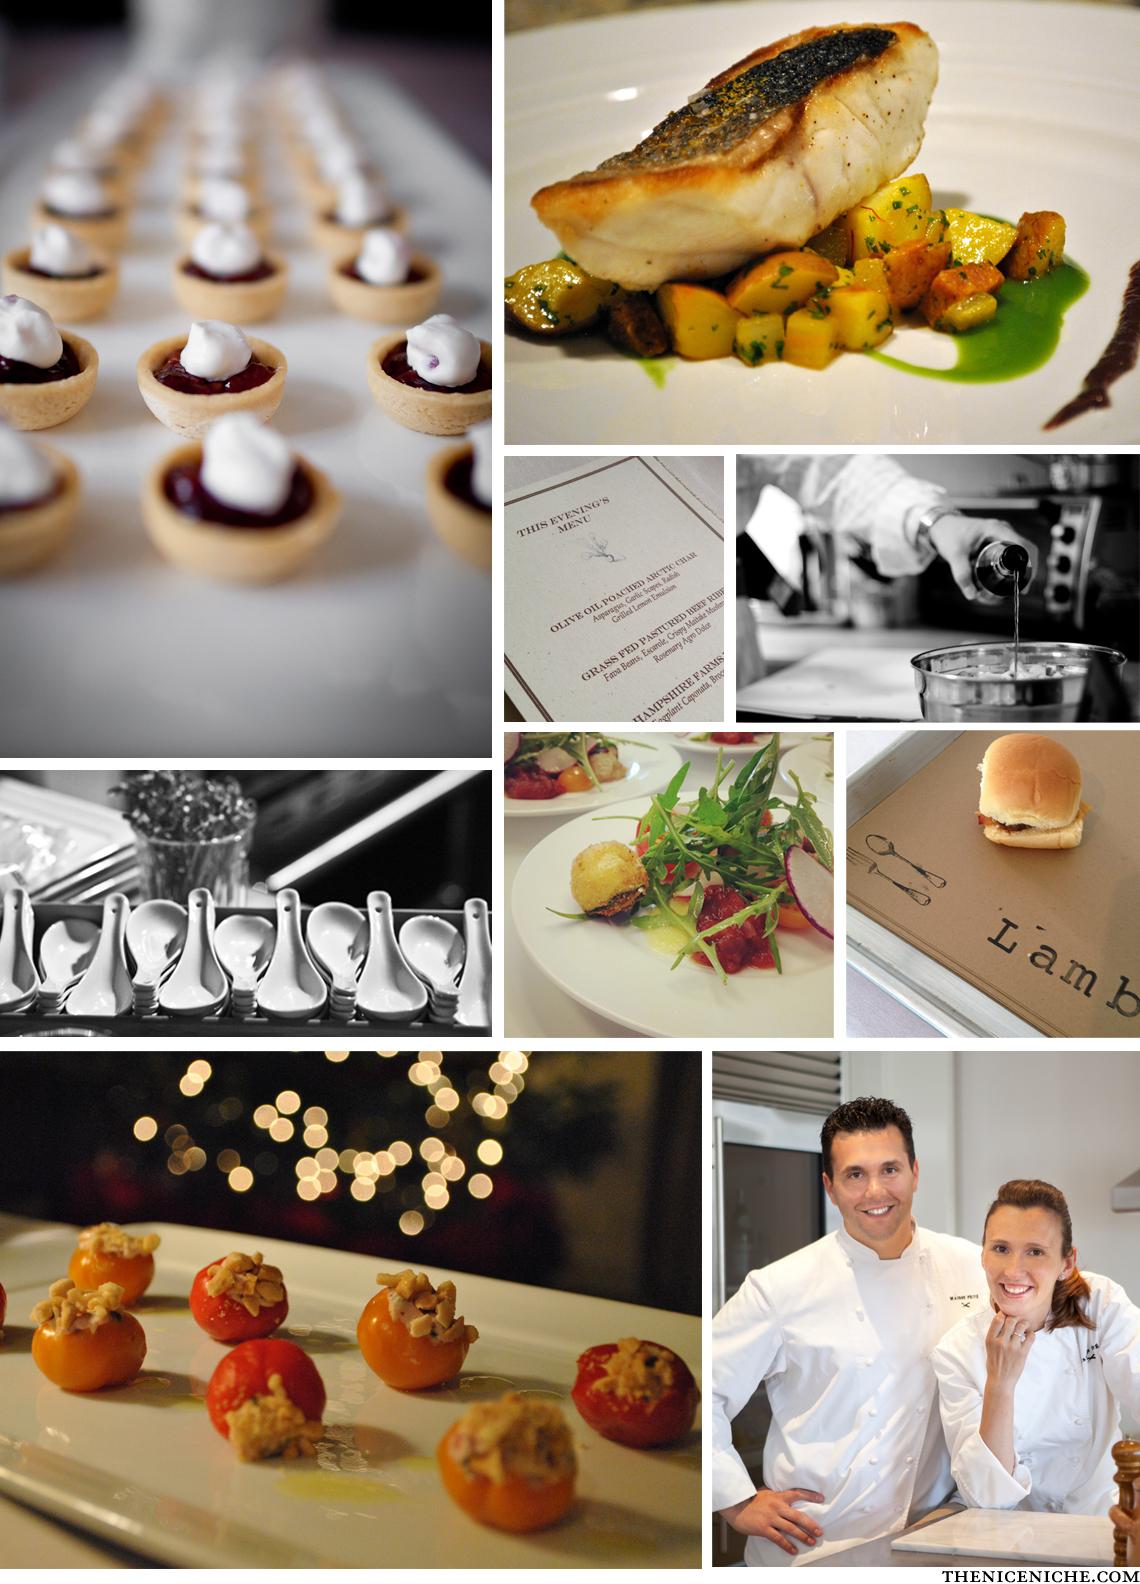 Maison Privé Chefs Nice Niche Feature